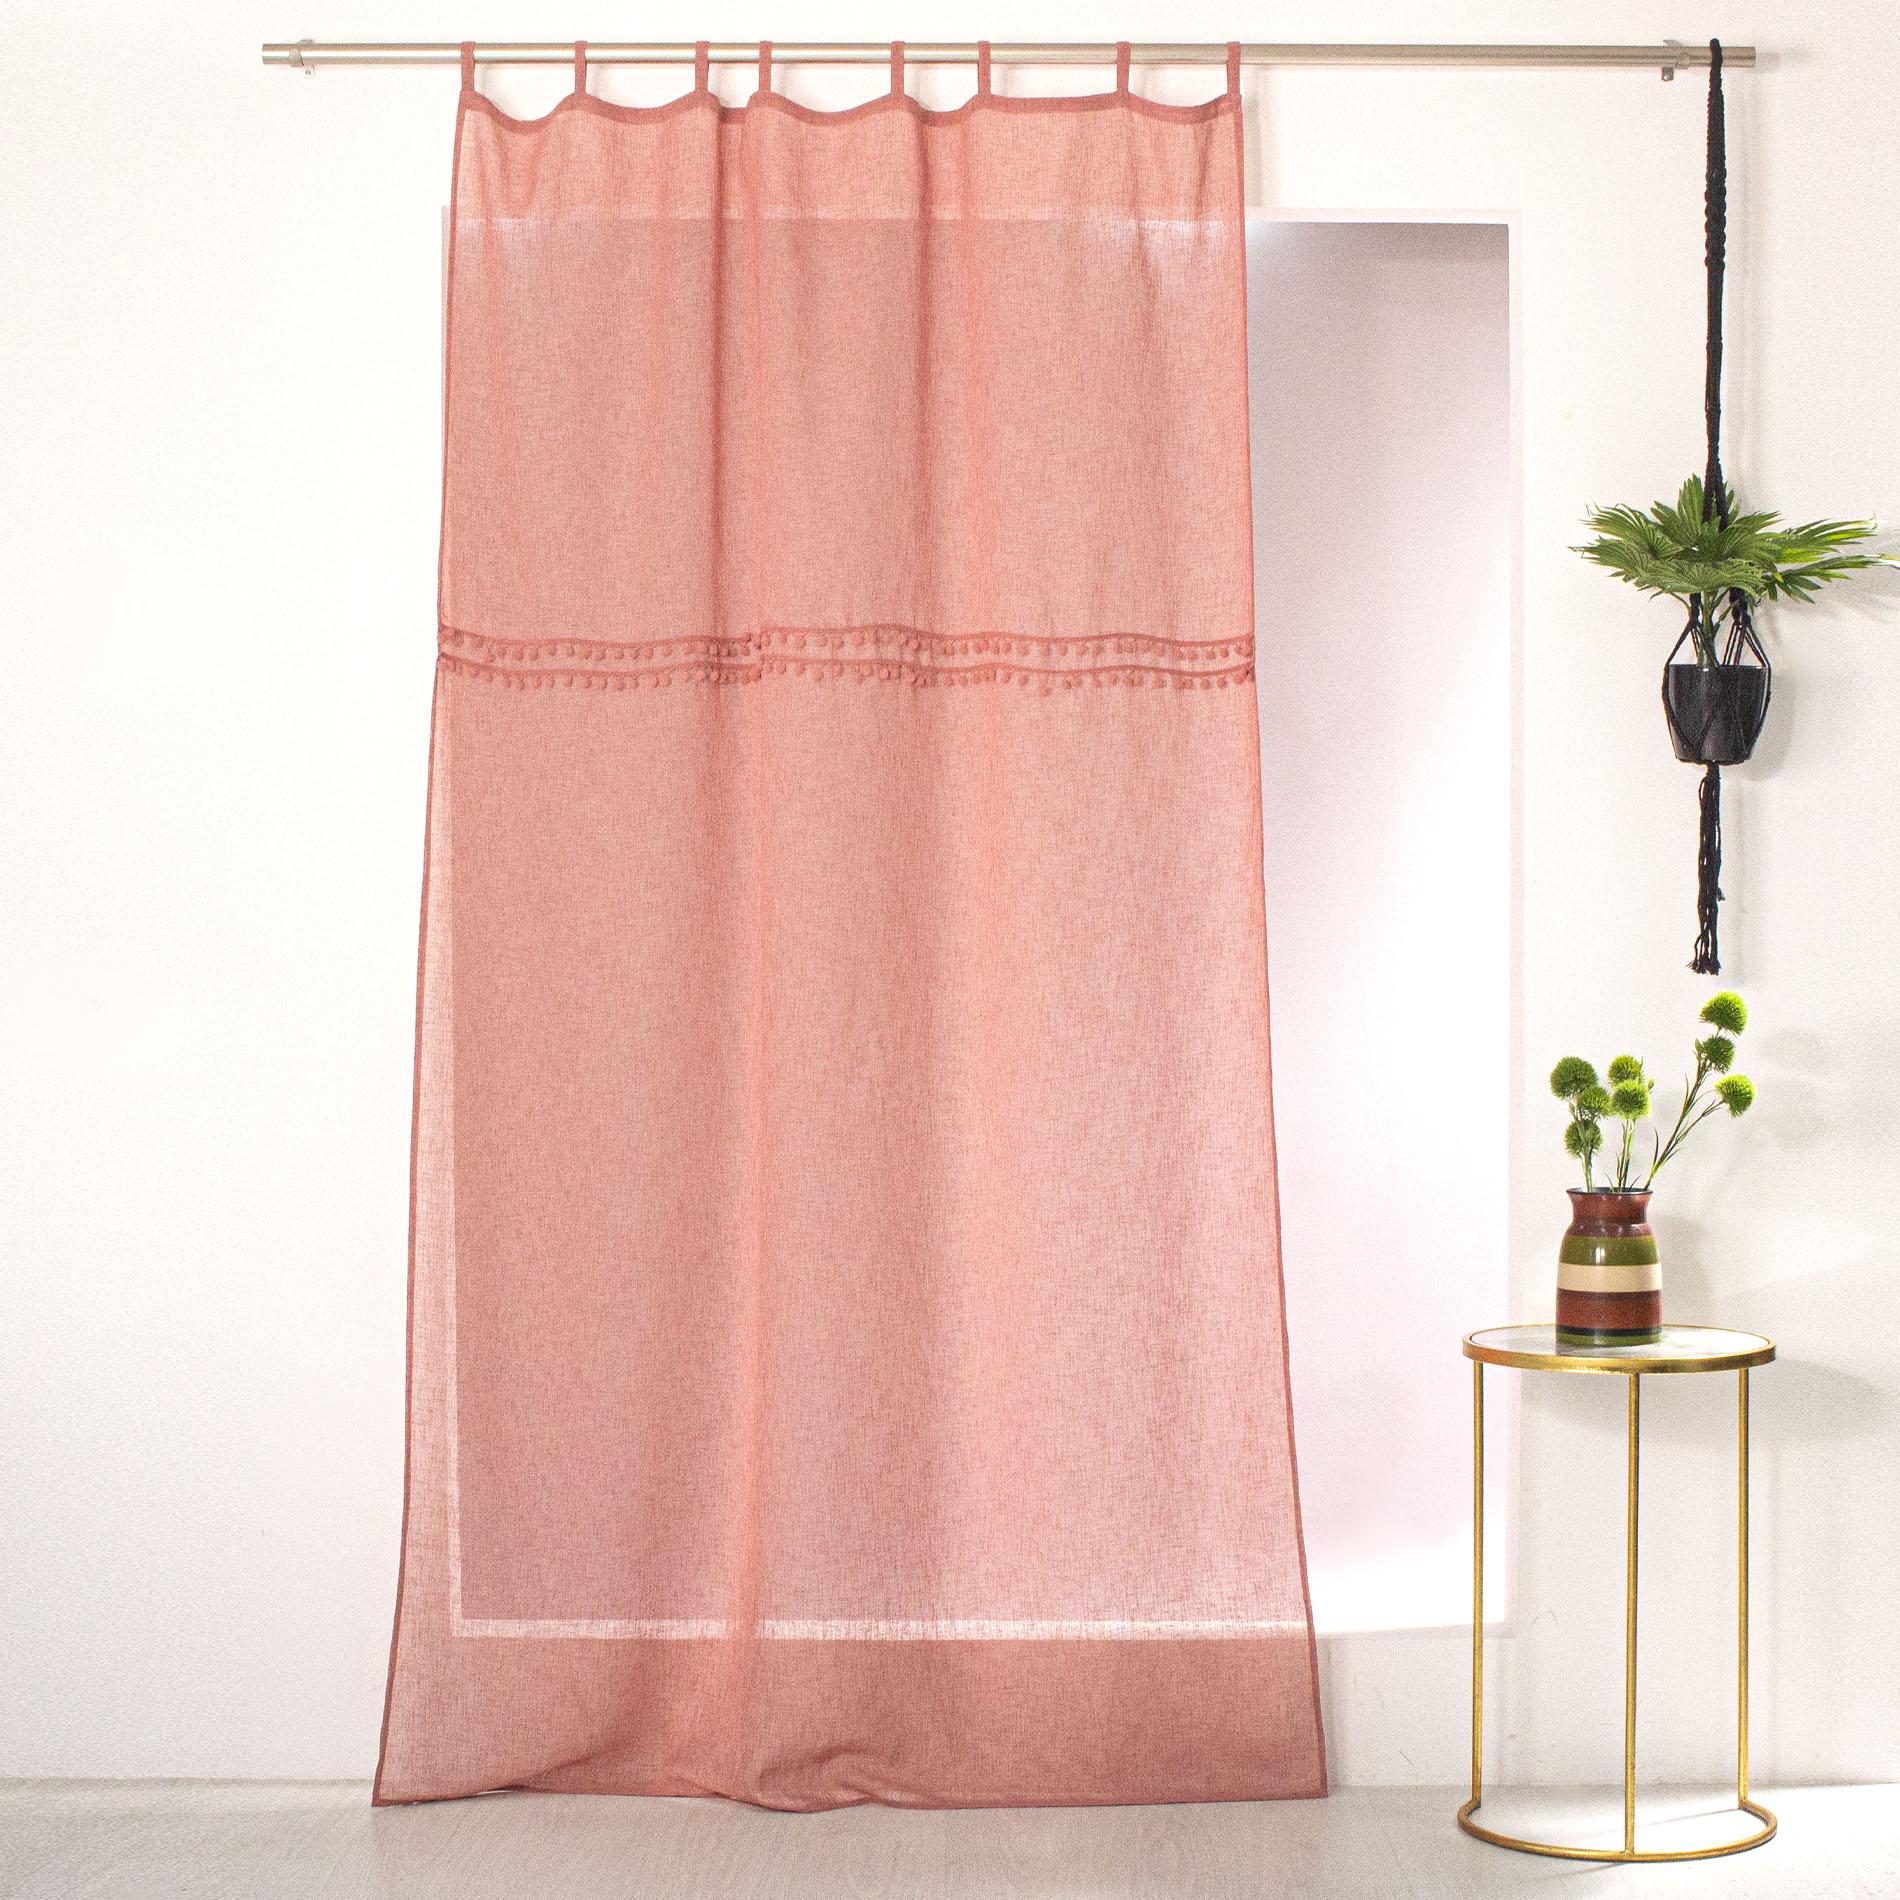 Voilage à passants effet lin et pompons polyester rose 240x140